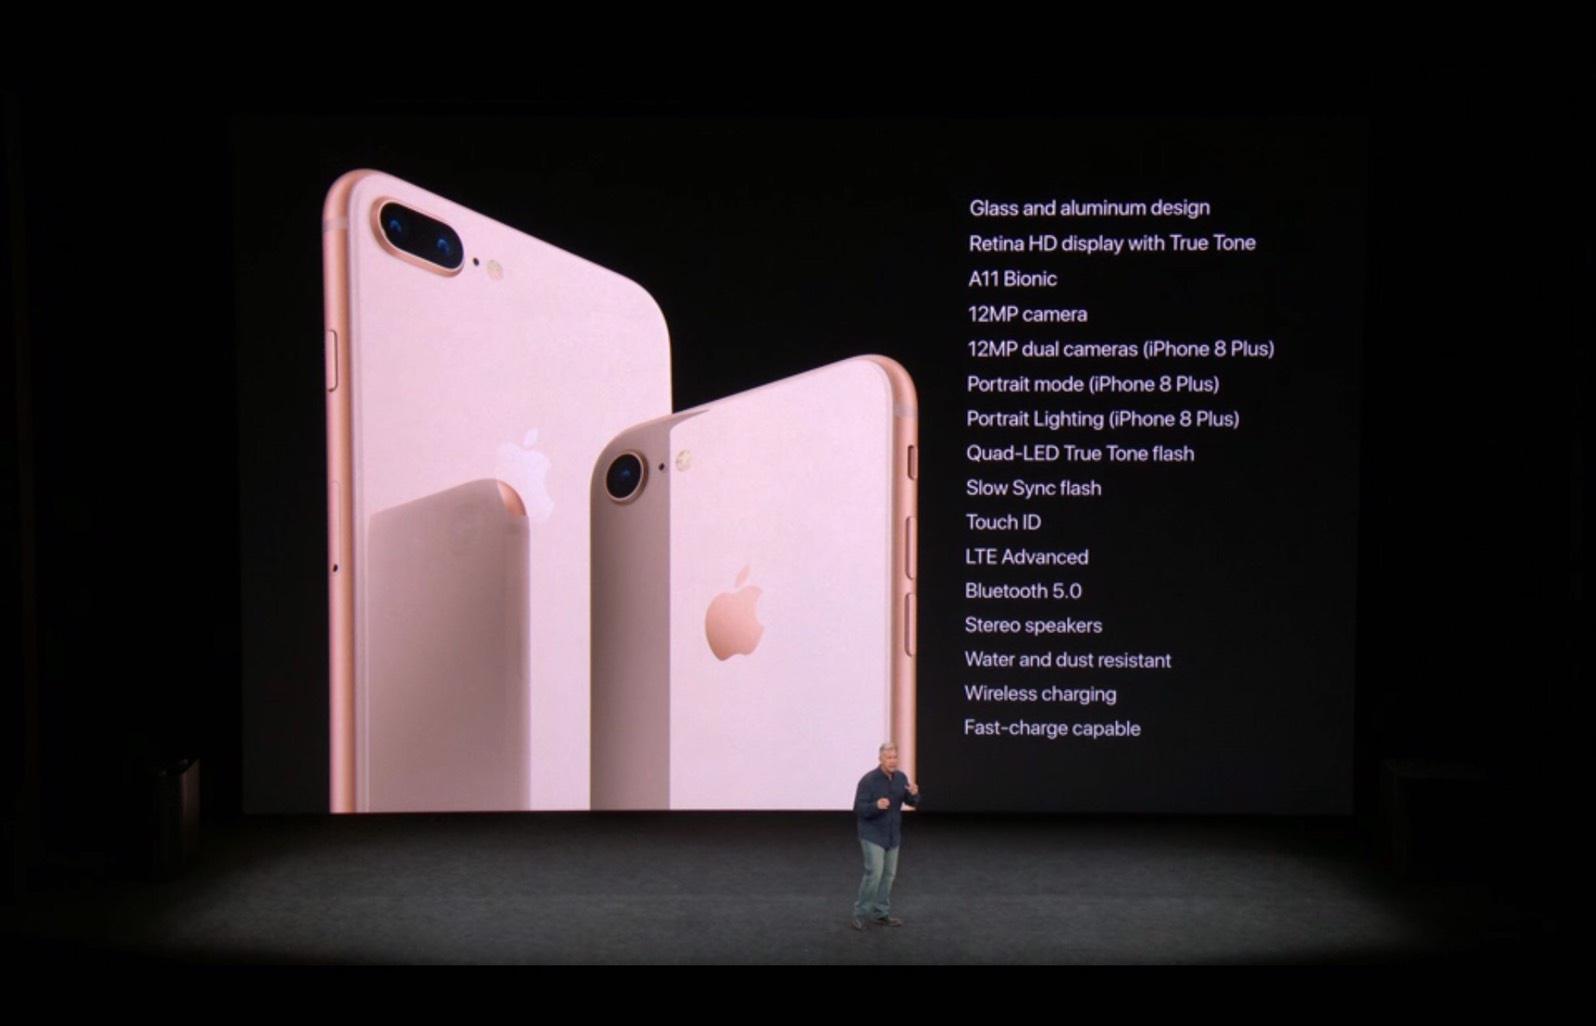 ผู้เชี่ยวชาญด้านไอที ยกนิ้วให้ iPhone X